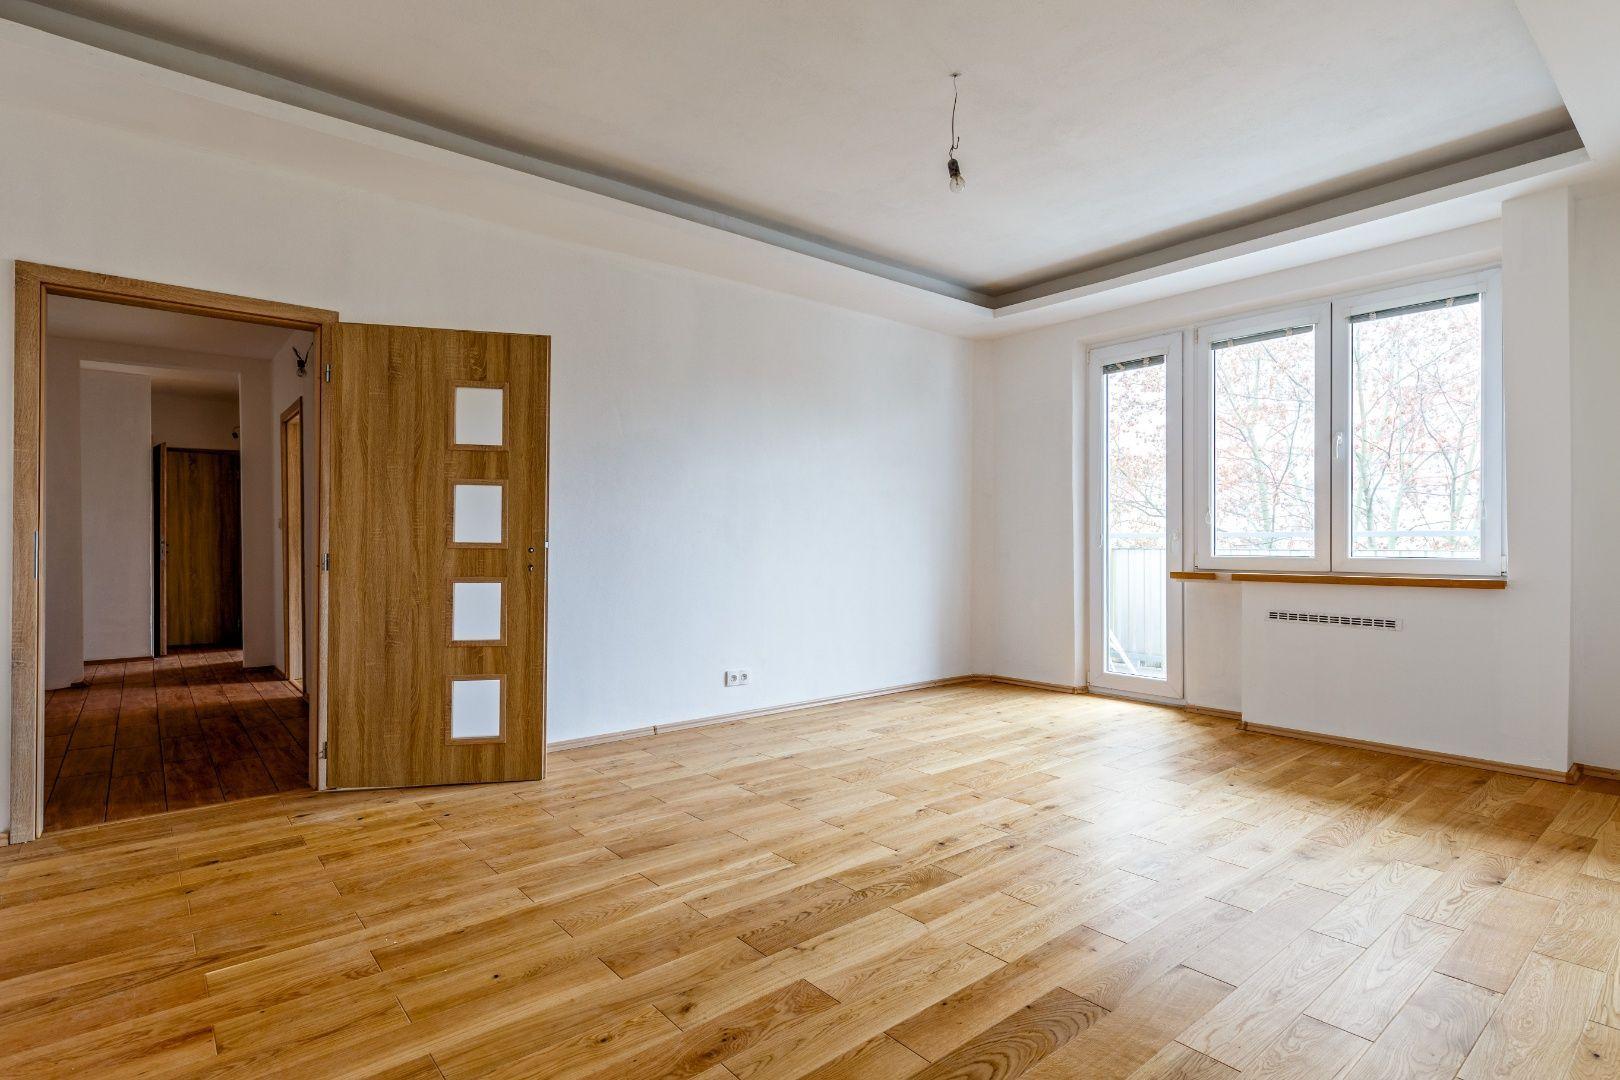 3-izbový byt-Predaj-Bratislava - mestská časť Ružinov-225000.00 €